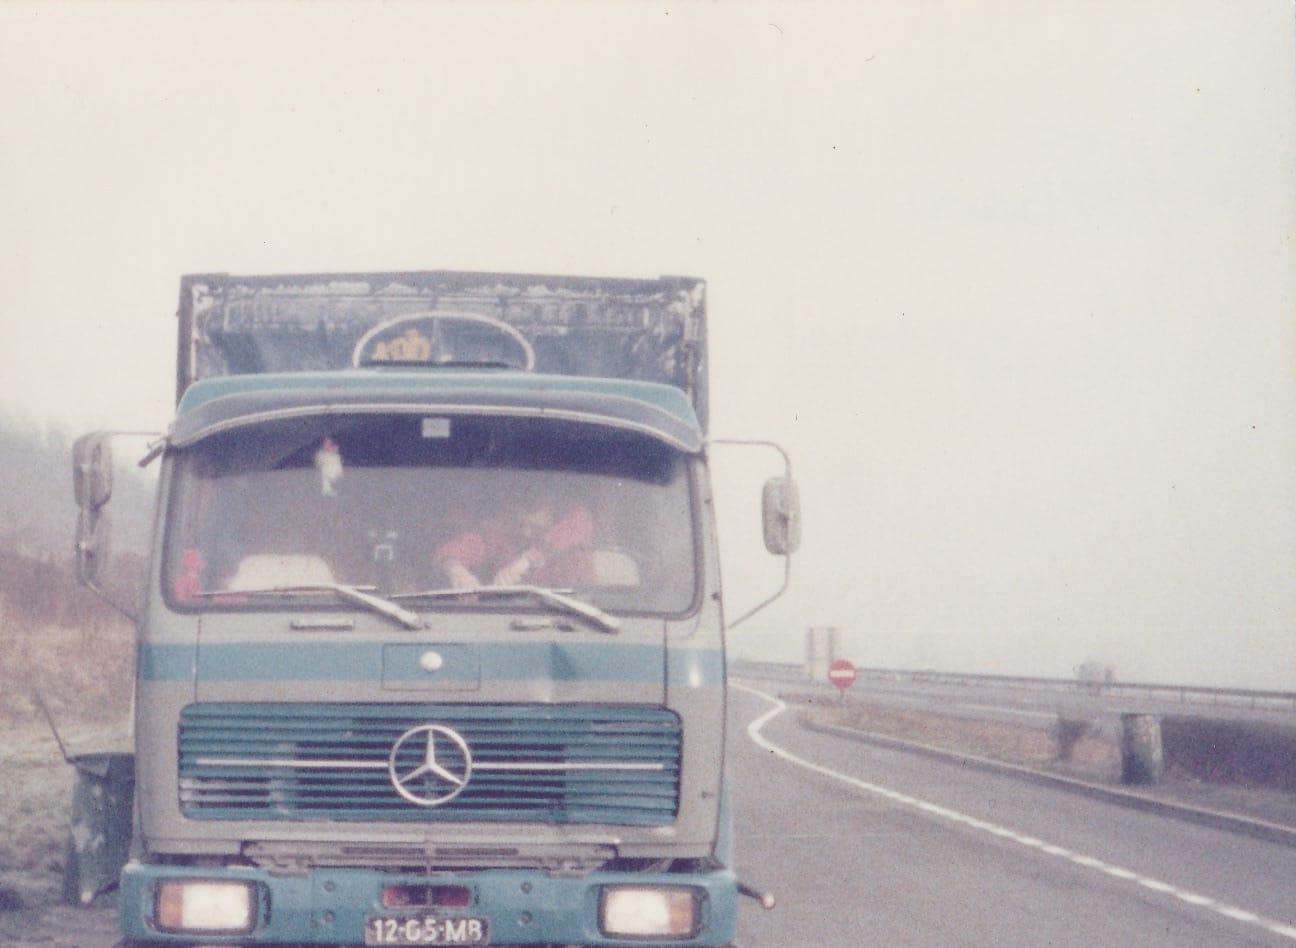 Rene-van-de-Leur---Onder-weg-naar-Spanje-tobsine-laden-in-puebla-larga-meen-ik-mij-te-herinneren-Ongeveer-1978-of-1979